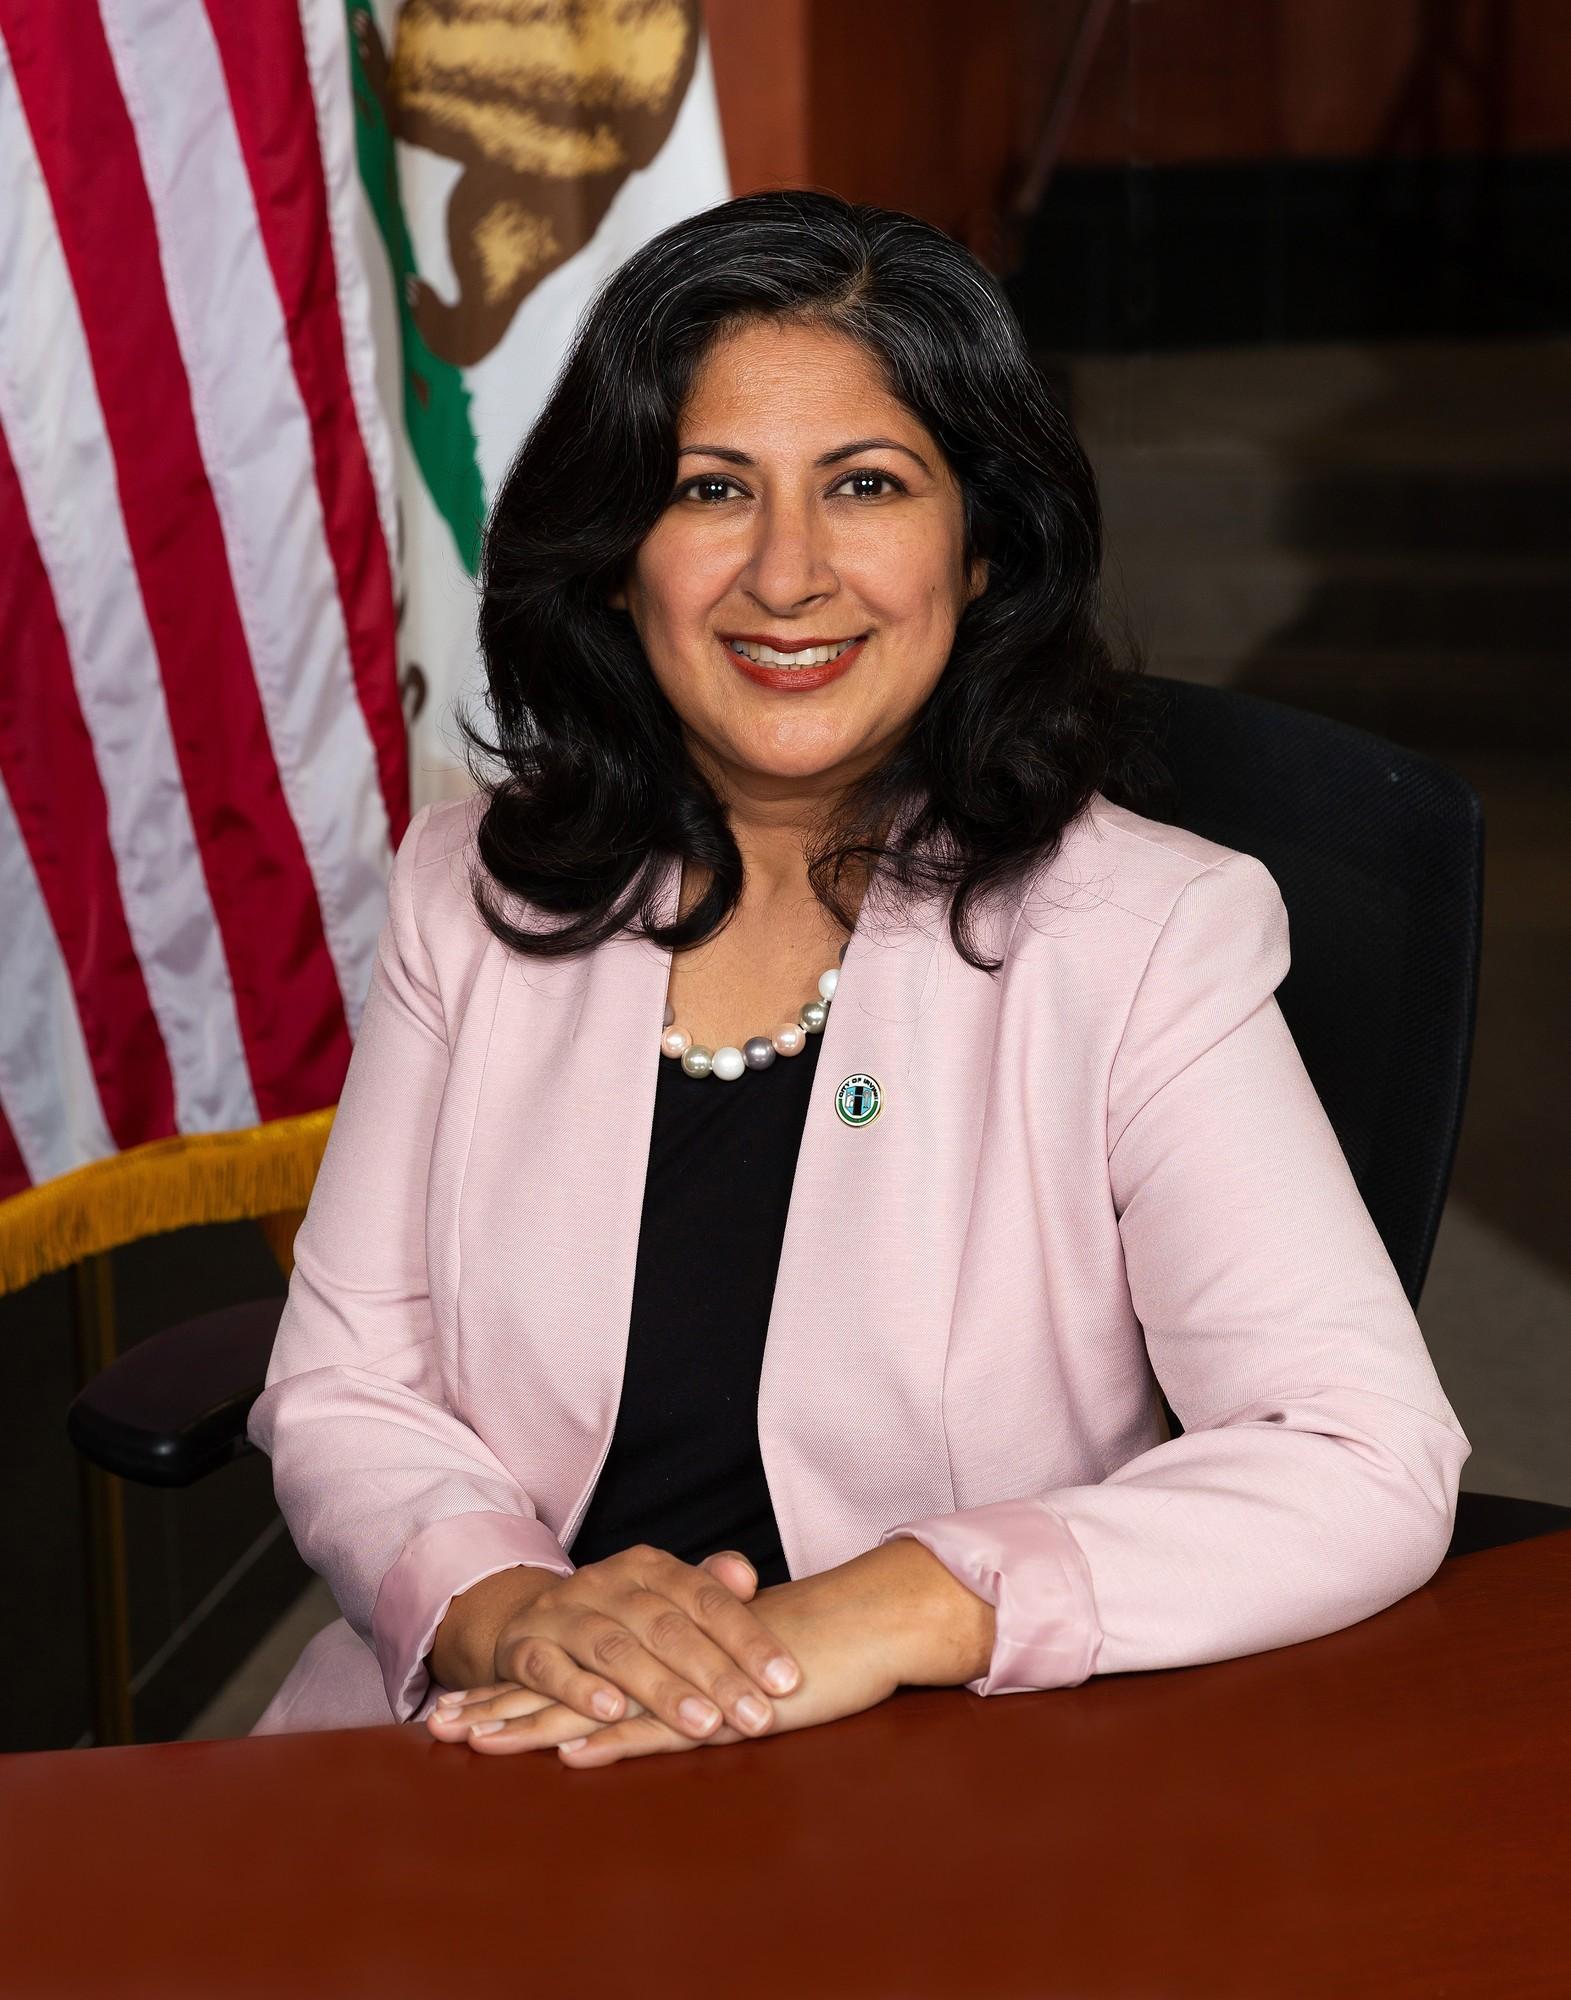 Mayor Khan